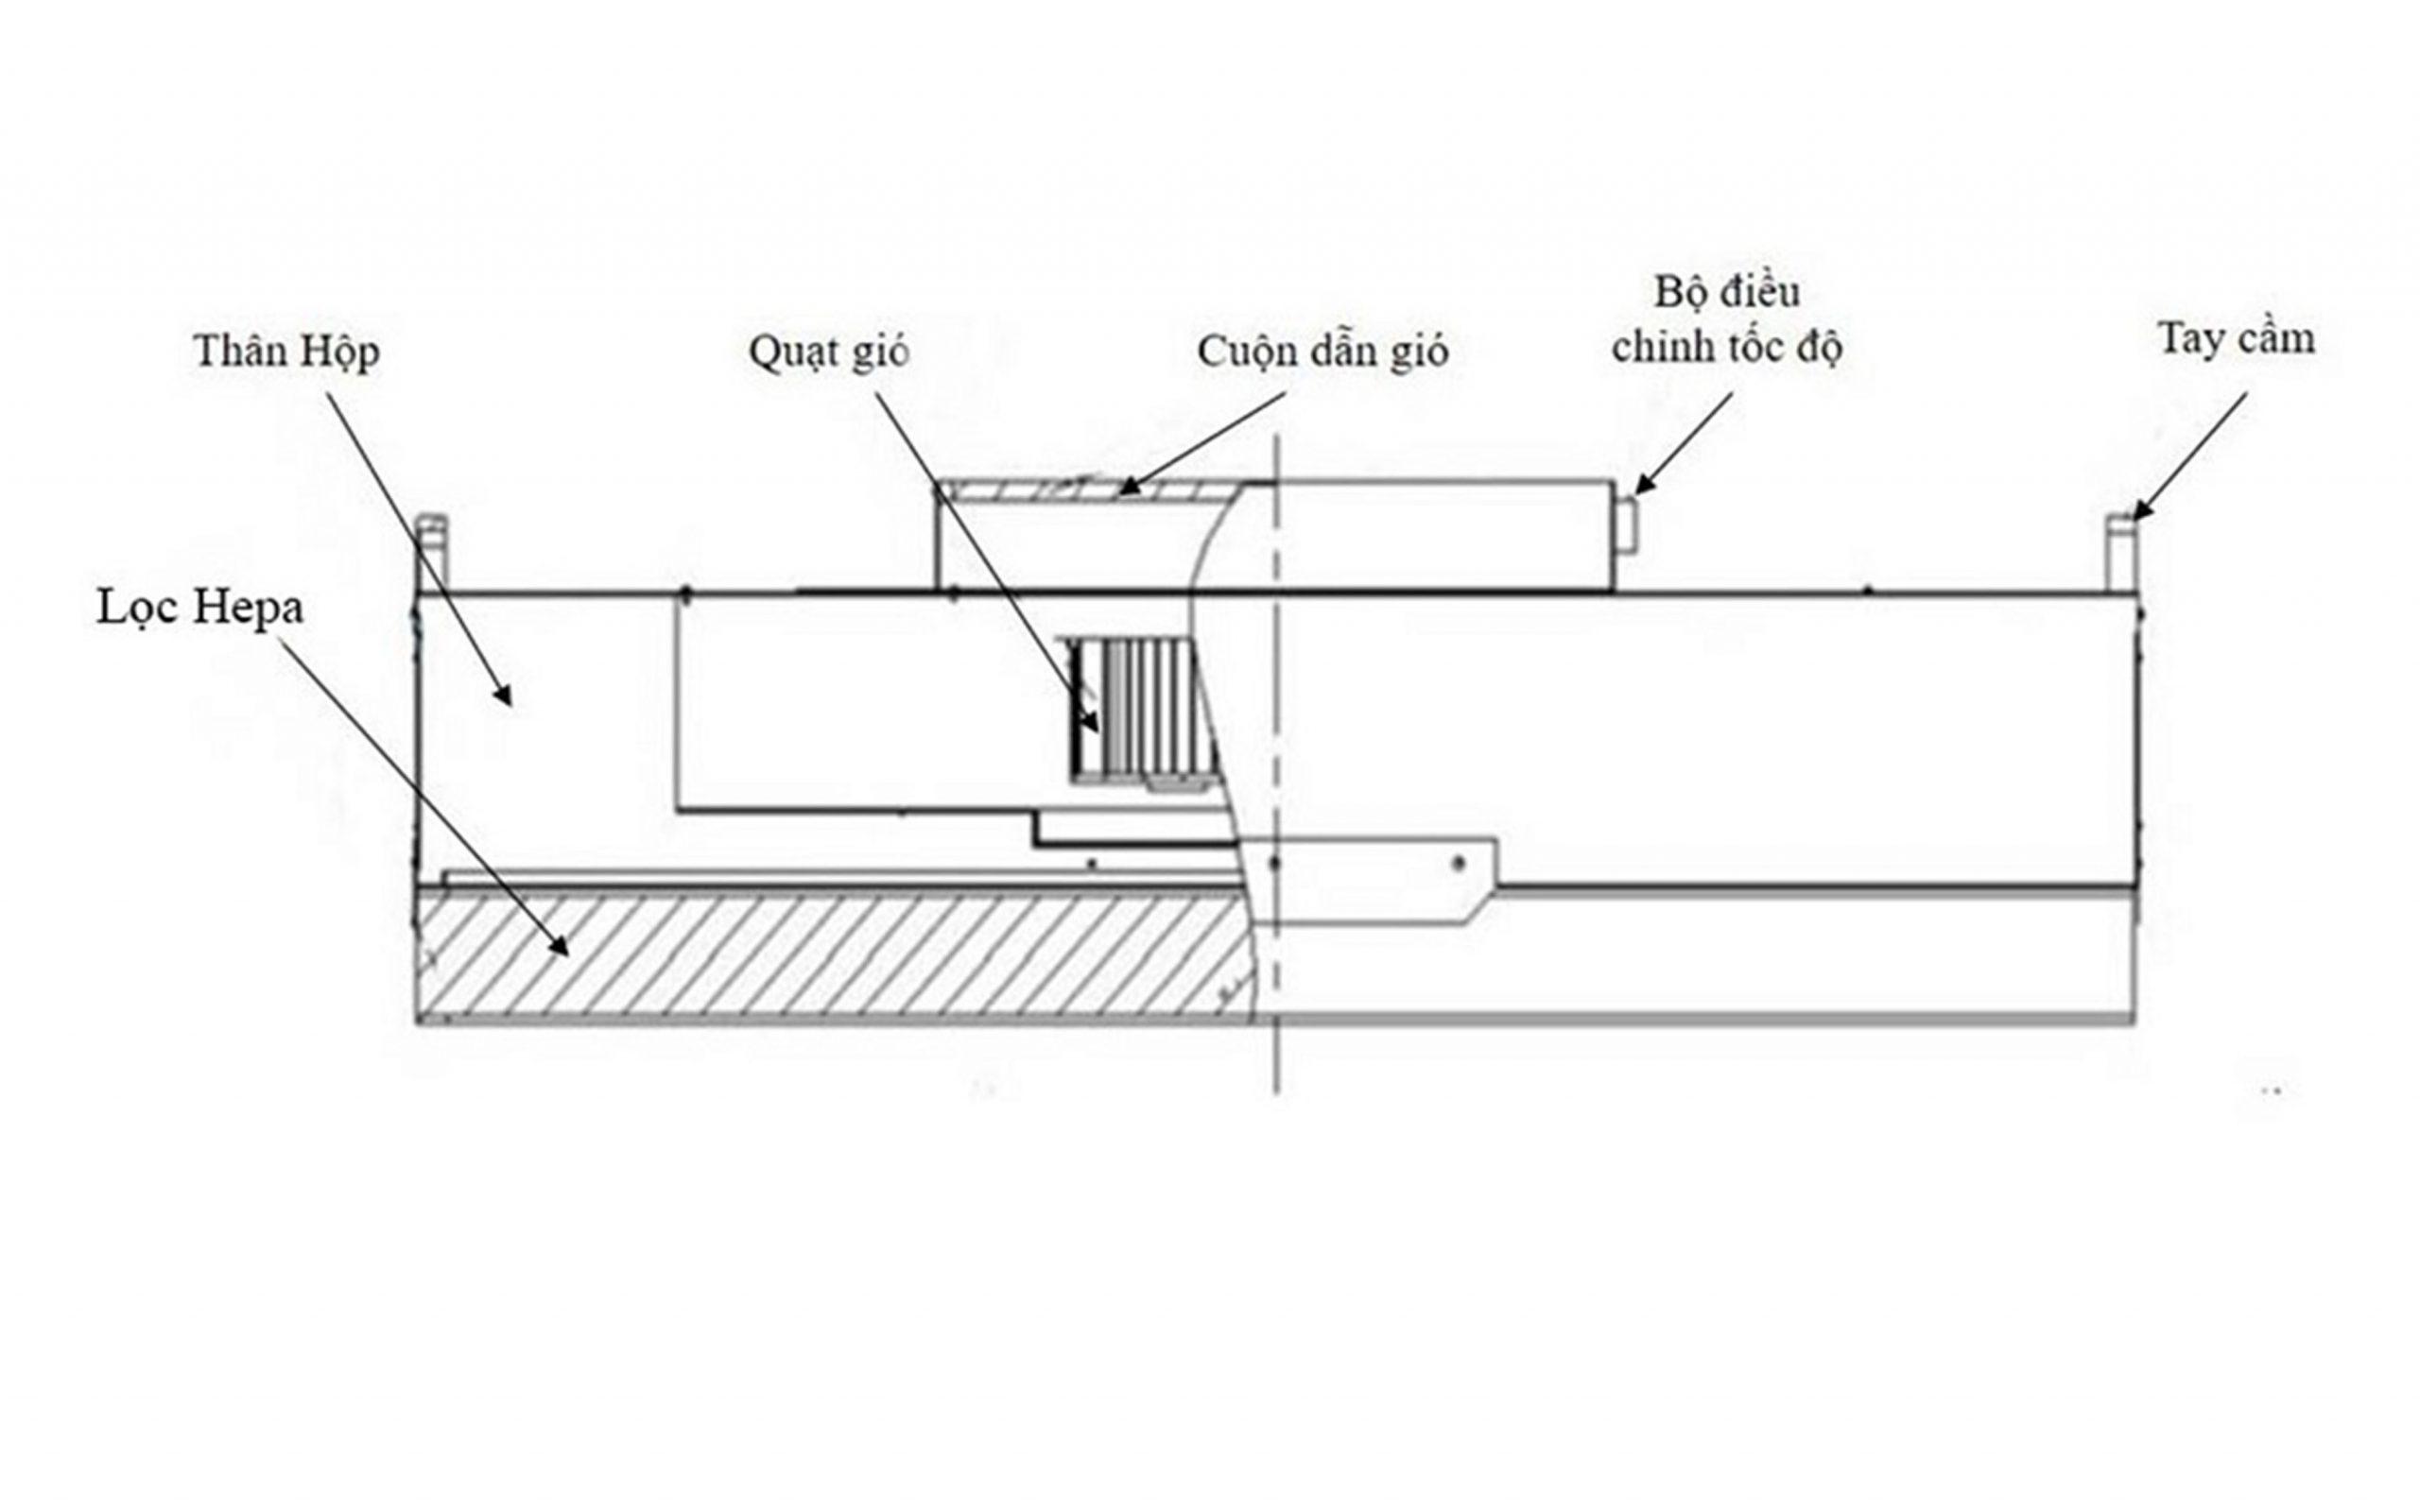 Các bộ phận FFU - Fan Filter Unit